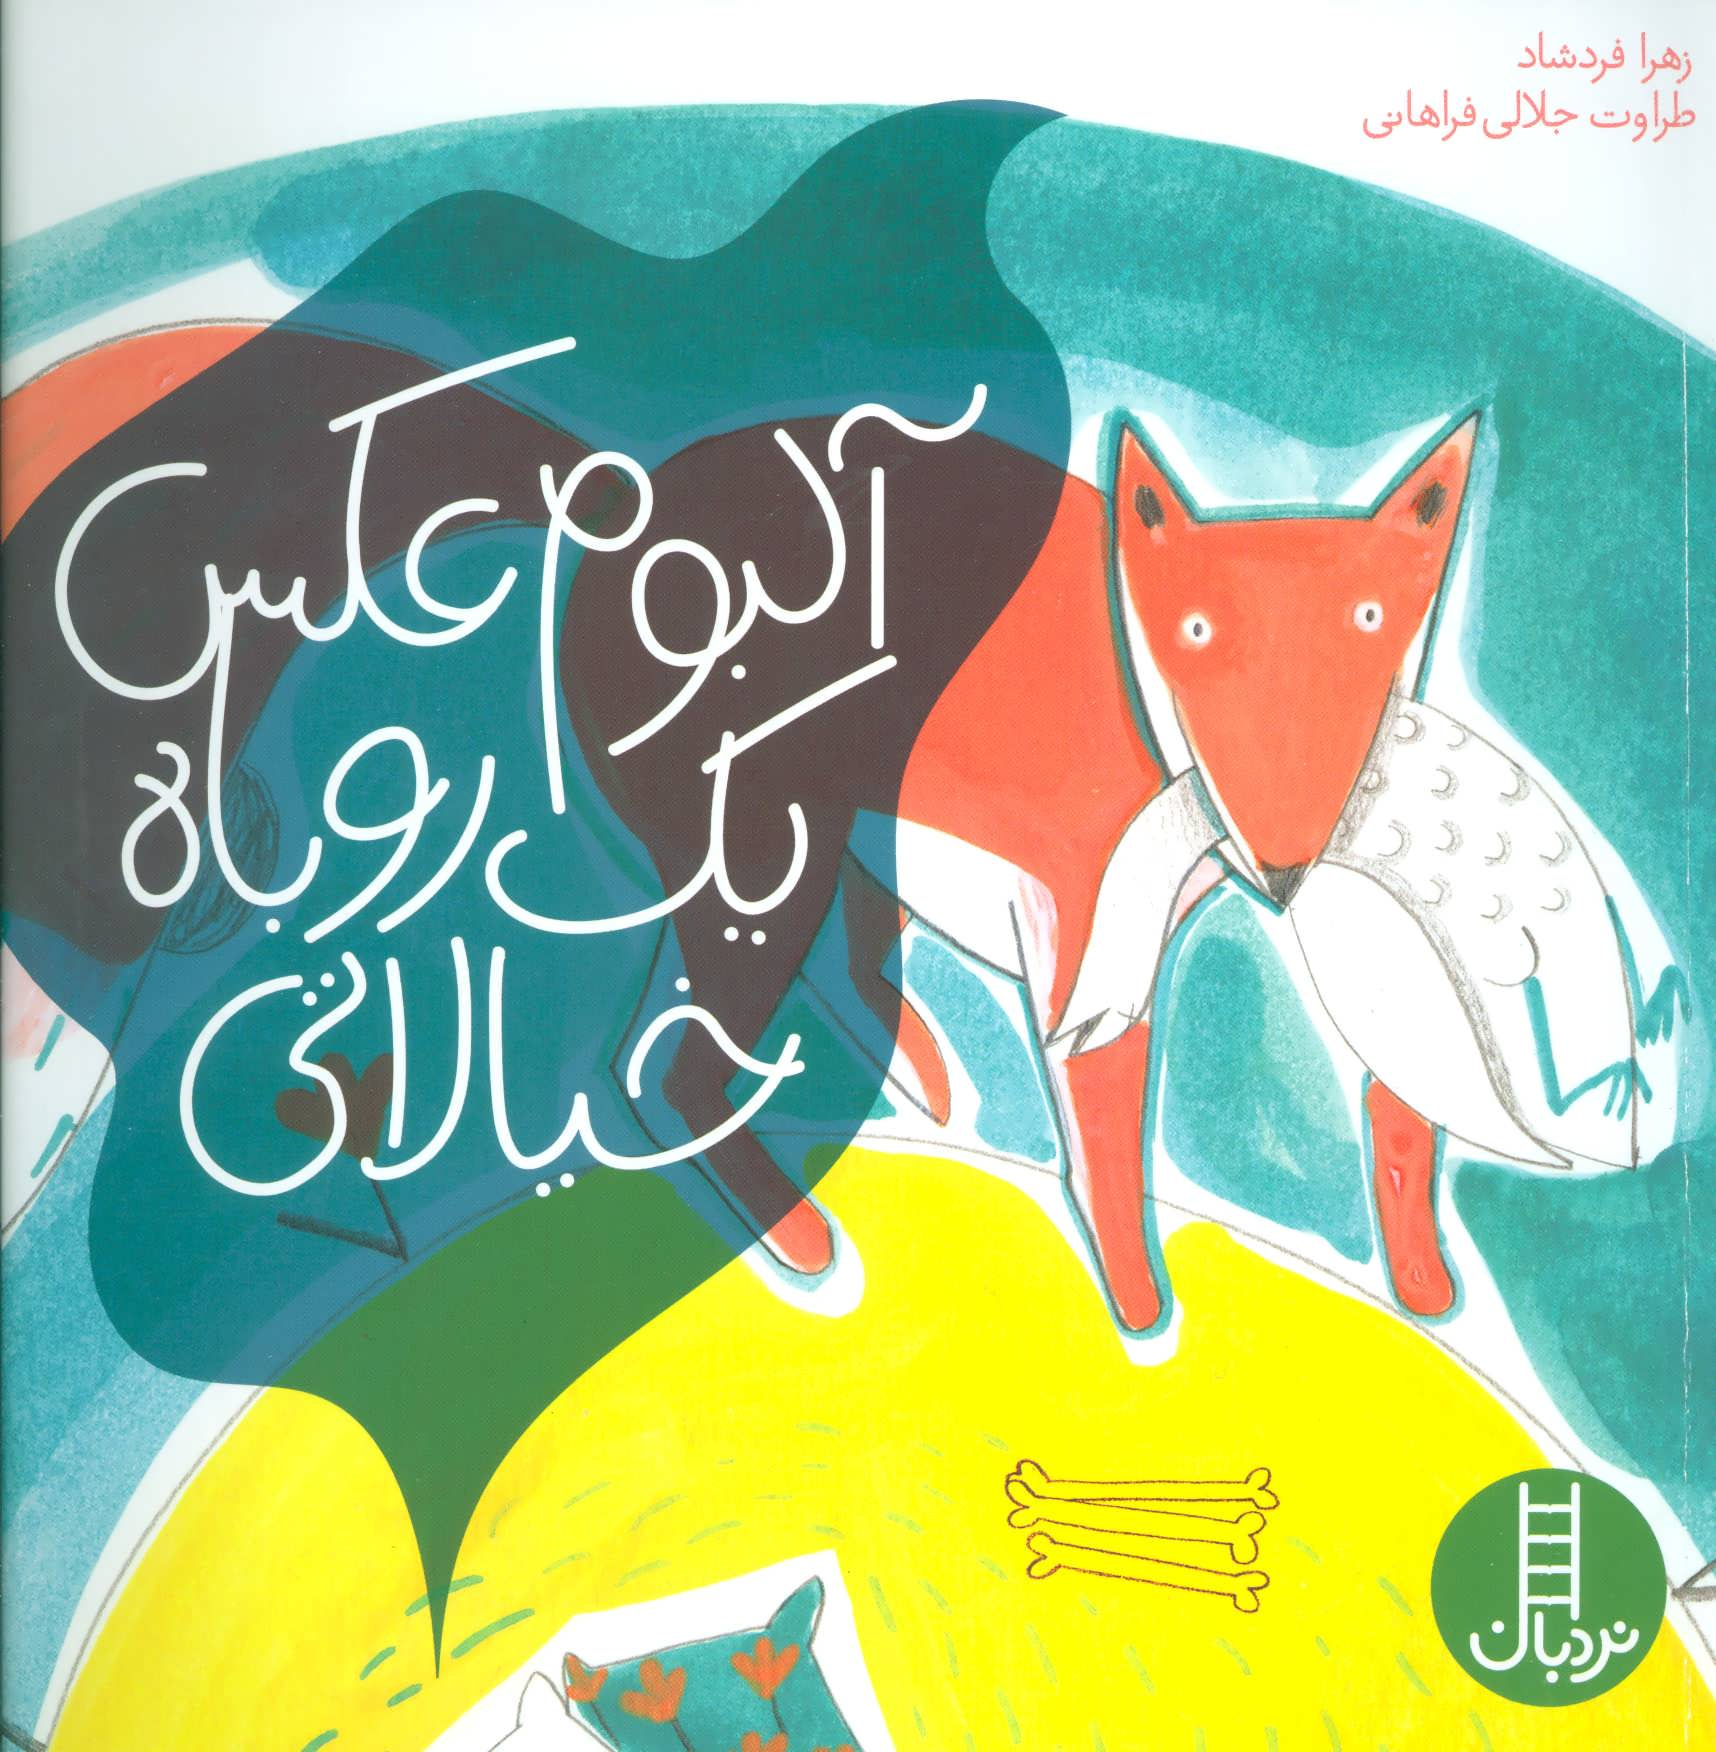 کتاب آلبوم عکس یک روباه خیالاتی